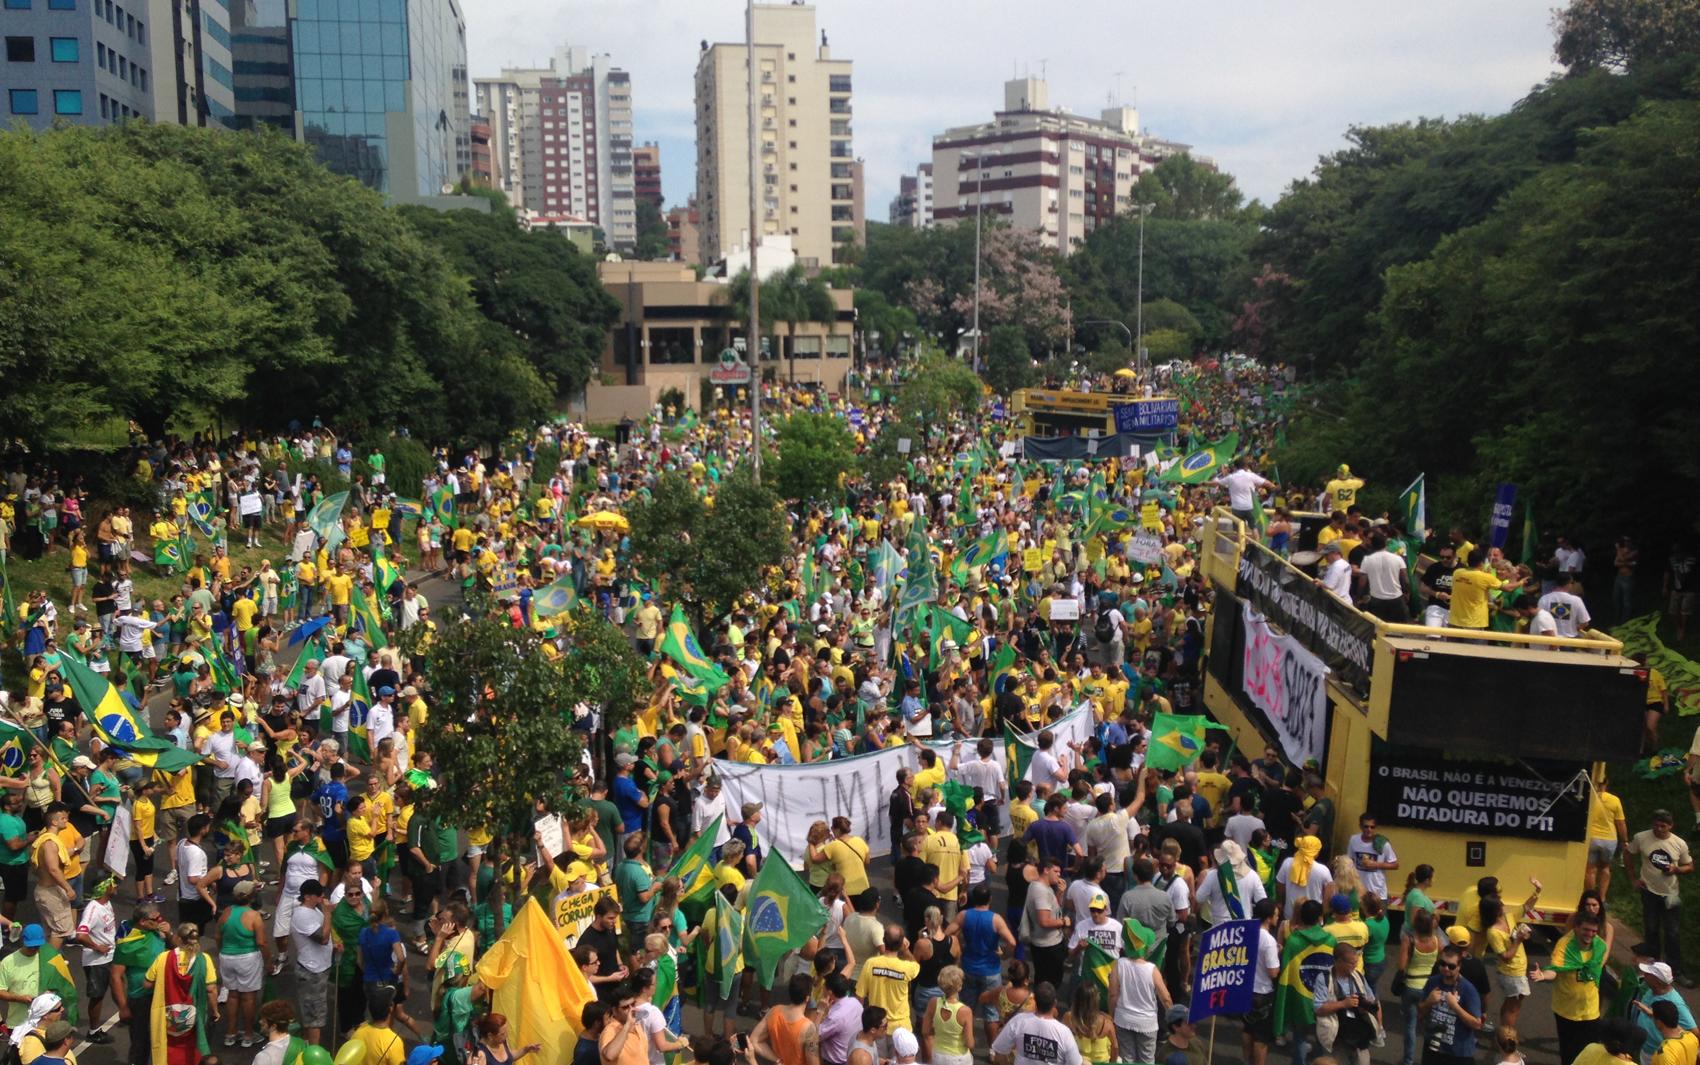 Grupo se concentra na Avenida Goethe, ao lado do Parcão, em Porto Alegre.